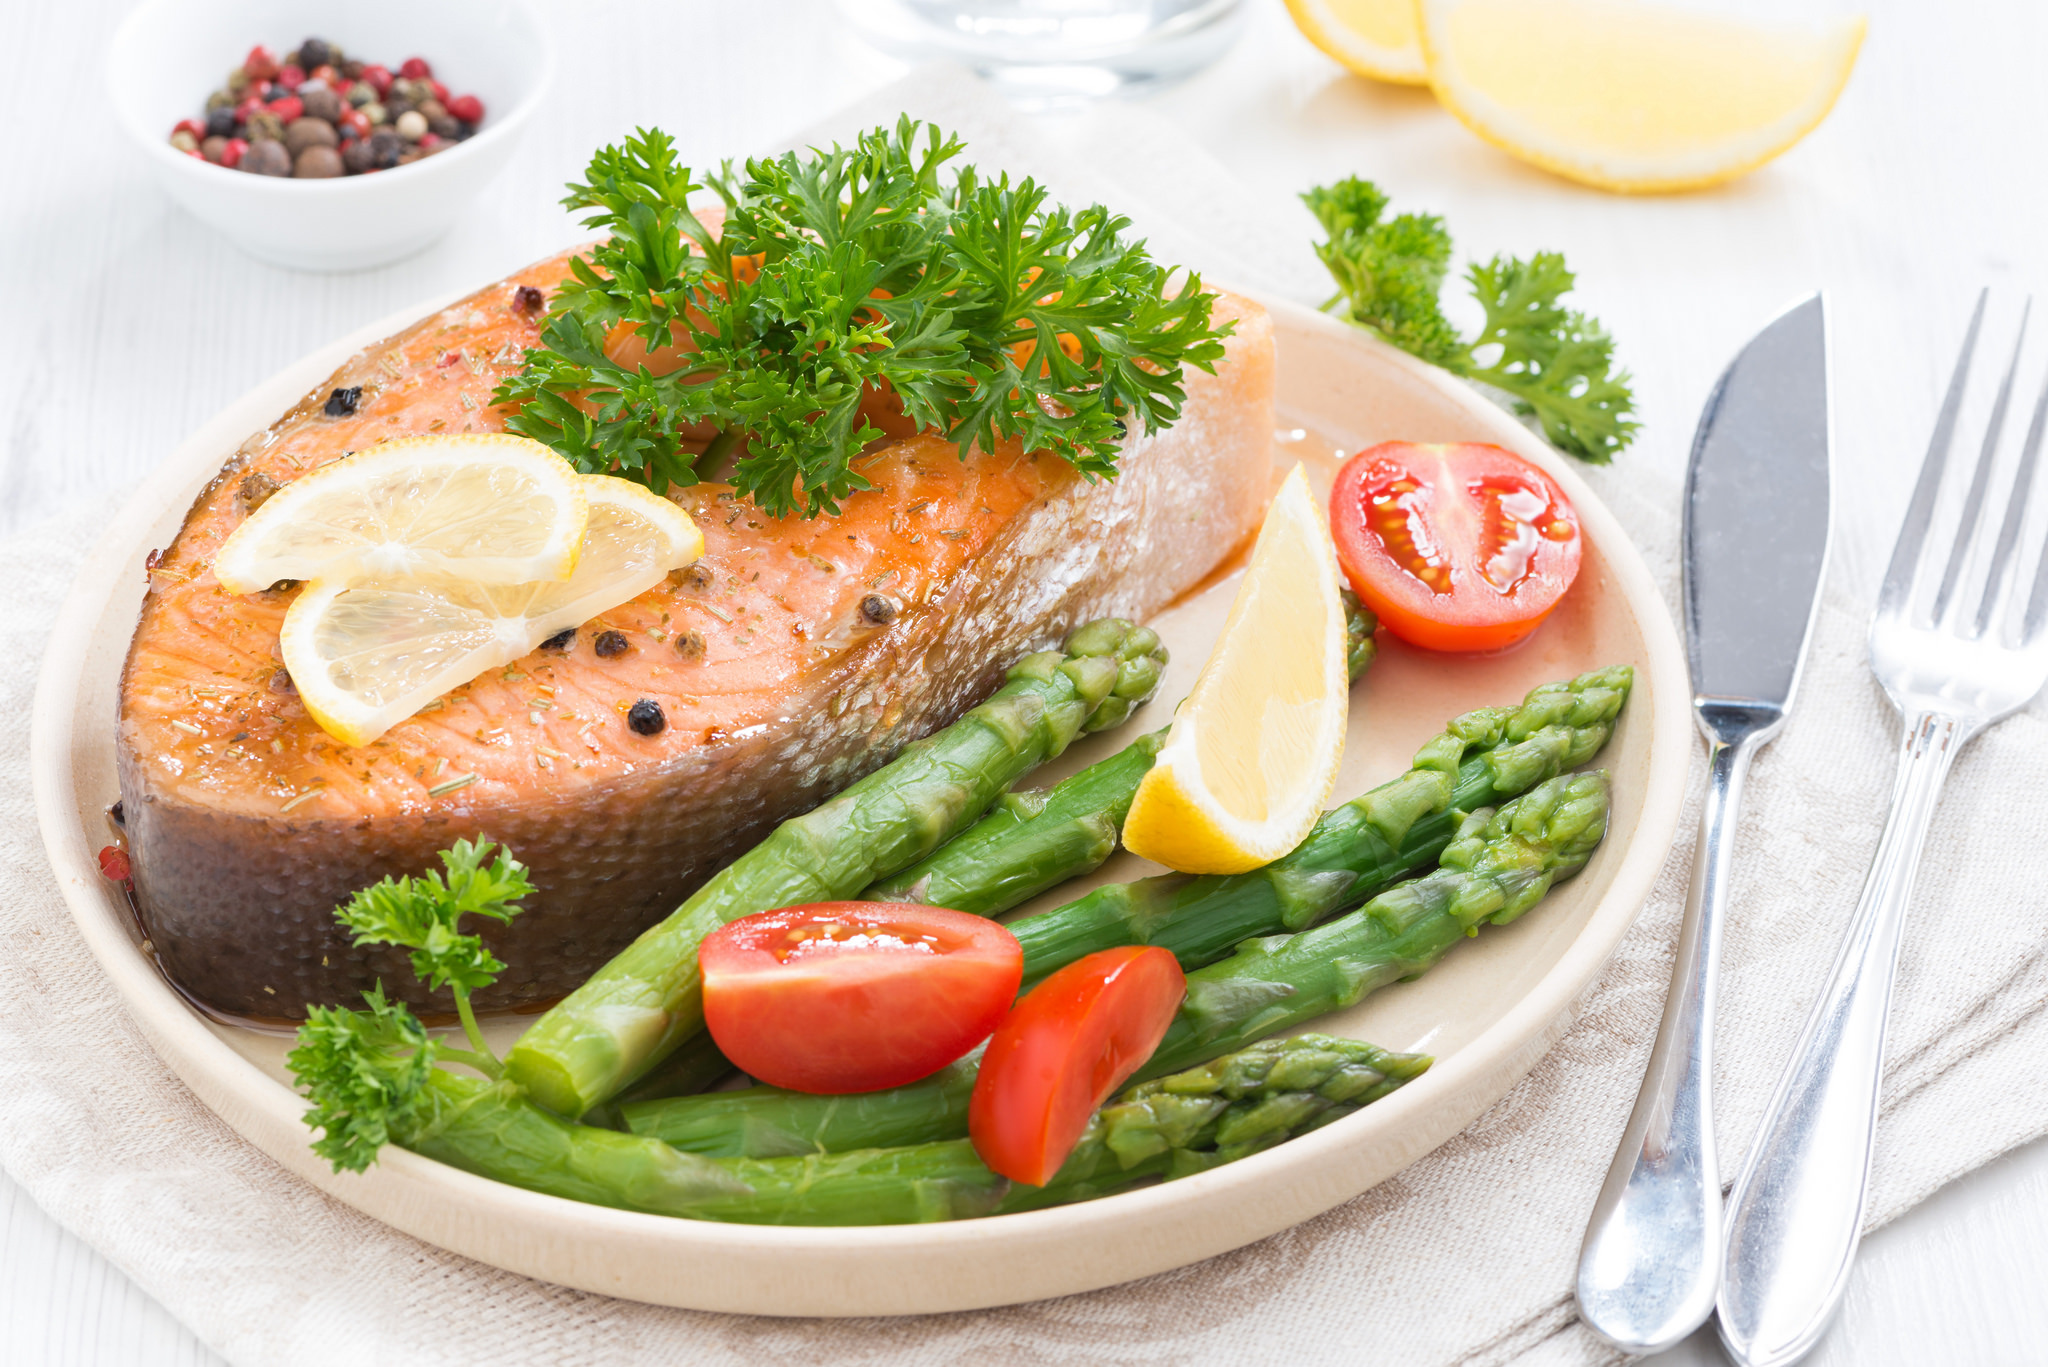 фото рыба с овощами июле продолжается